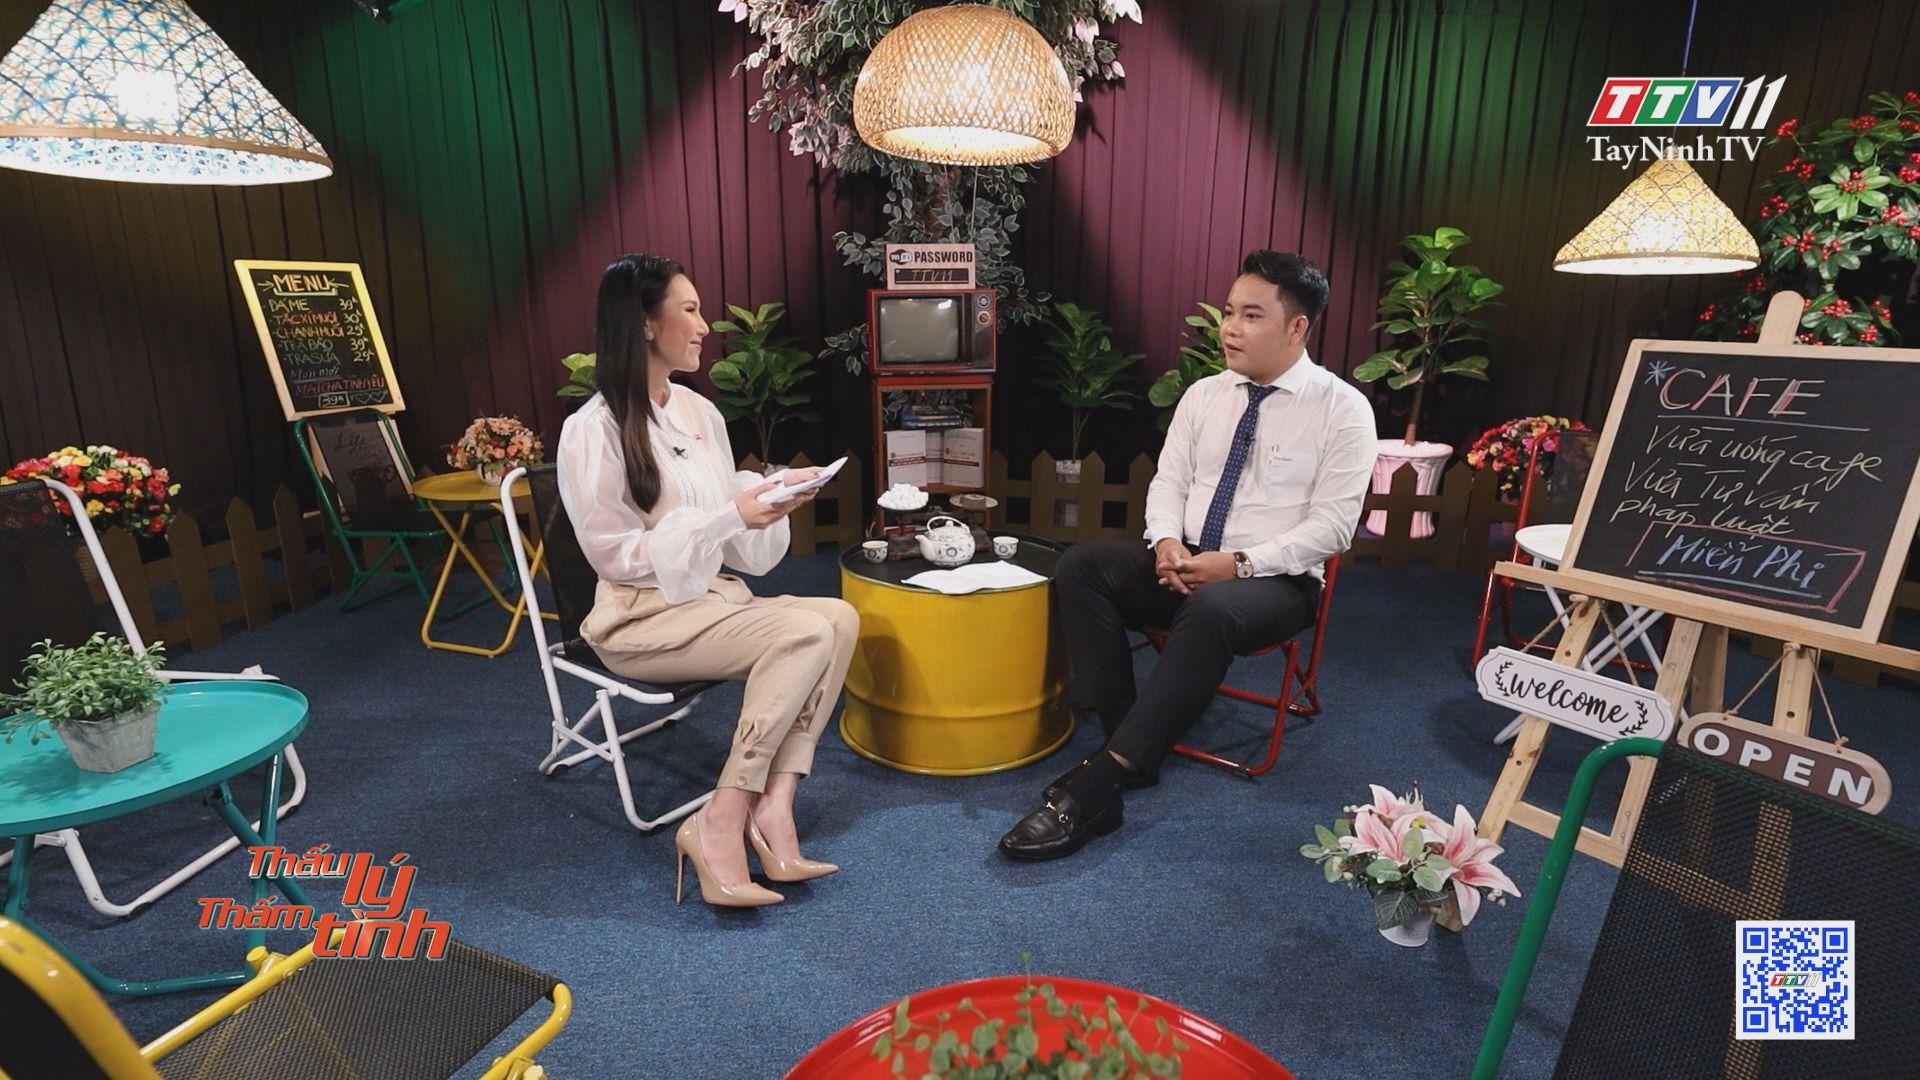 Thách cưới cao có phạm luật? | THẤU LÝ THẤM TÌNH | TayNinhTVE